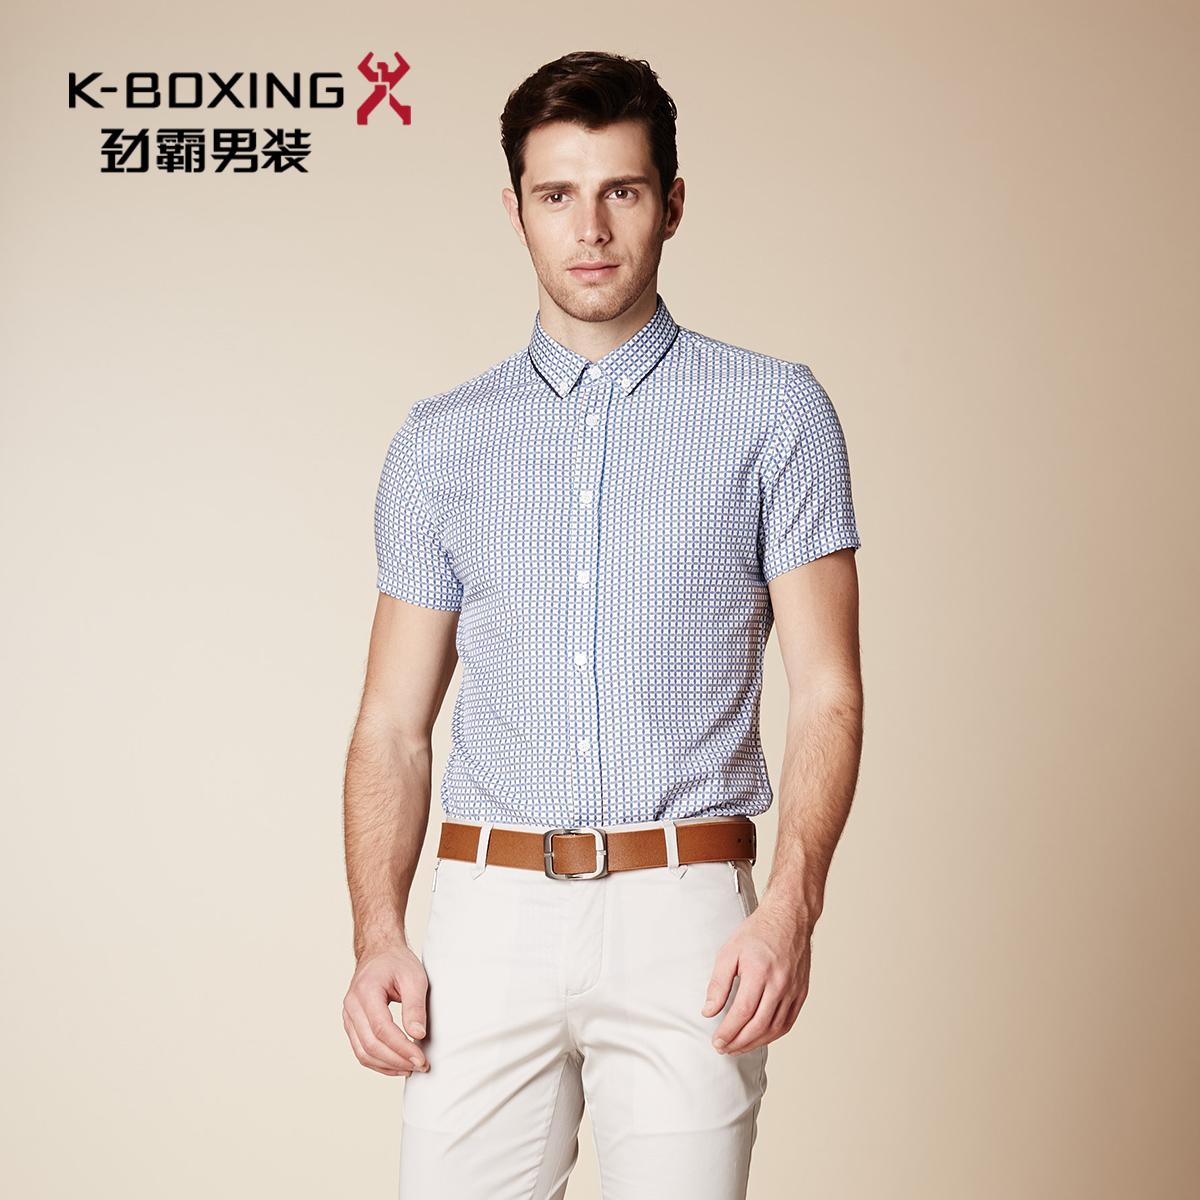 劲霸男装夏季新款格子衬衫商务休闲青年短袖蓝色衬衫男士半袖寸衫